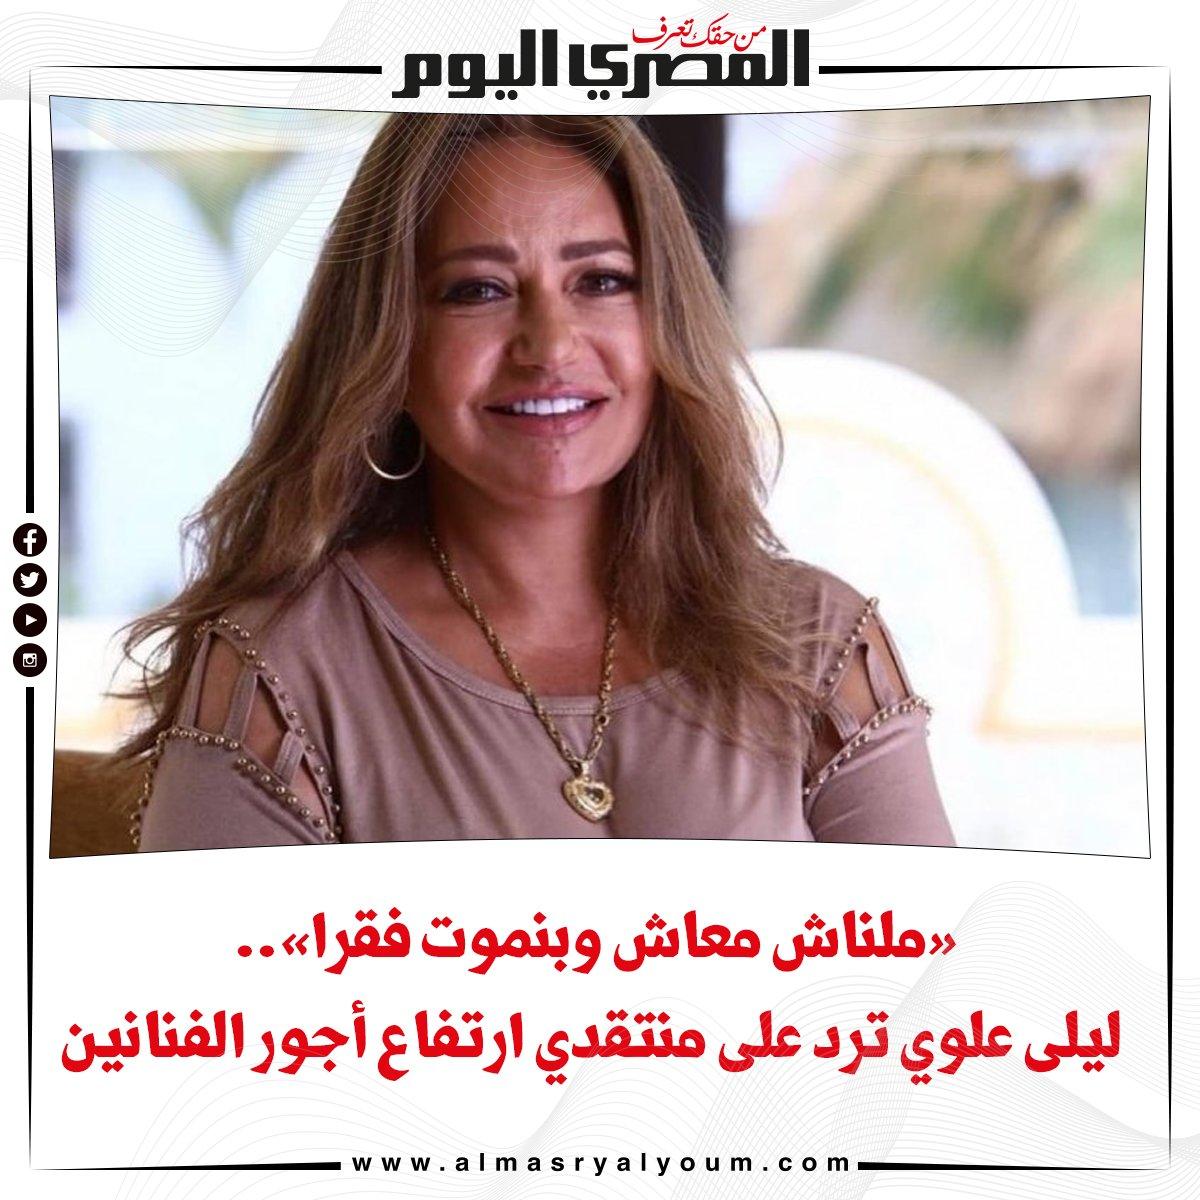 «ملناش معاش وبنموت فقرا».. ليلى علوي ترد على منتقدي ارتفاع أجور الفنانين (فيديو)